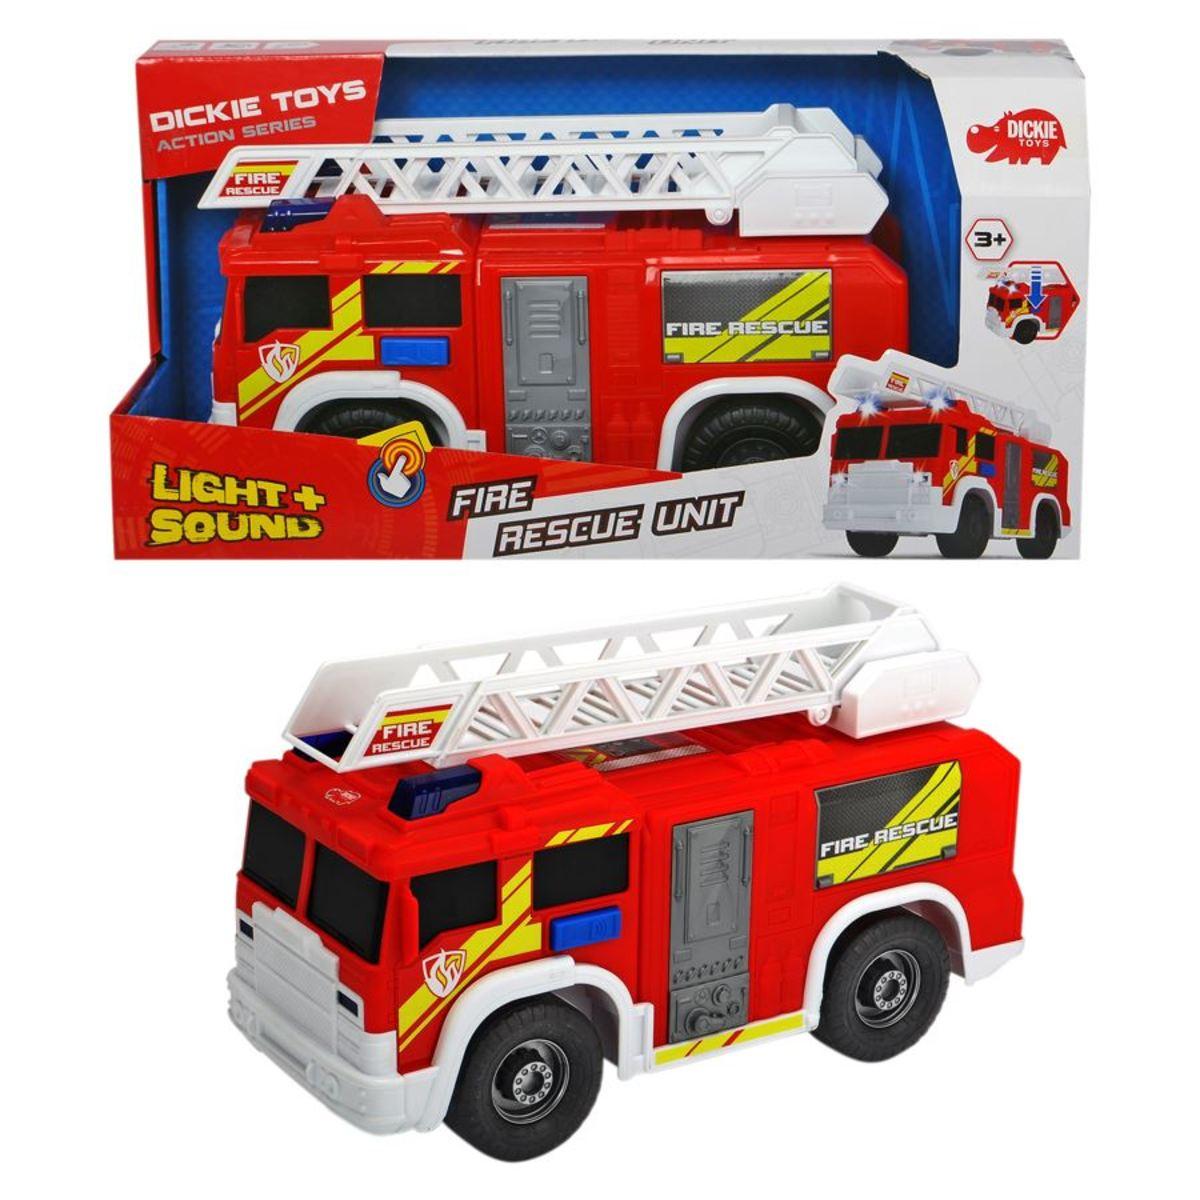 Bild 5 von Dickie Toys Feuerwehrauto Fire Rescue Unit